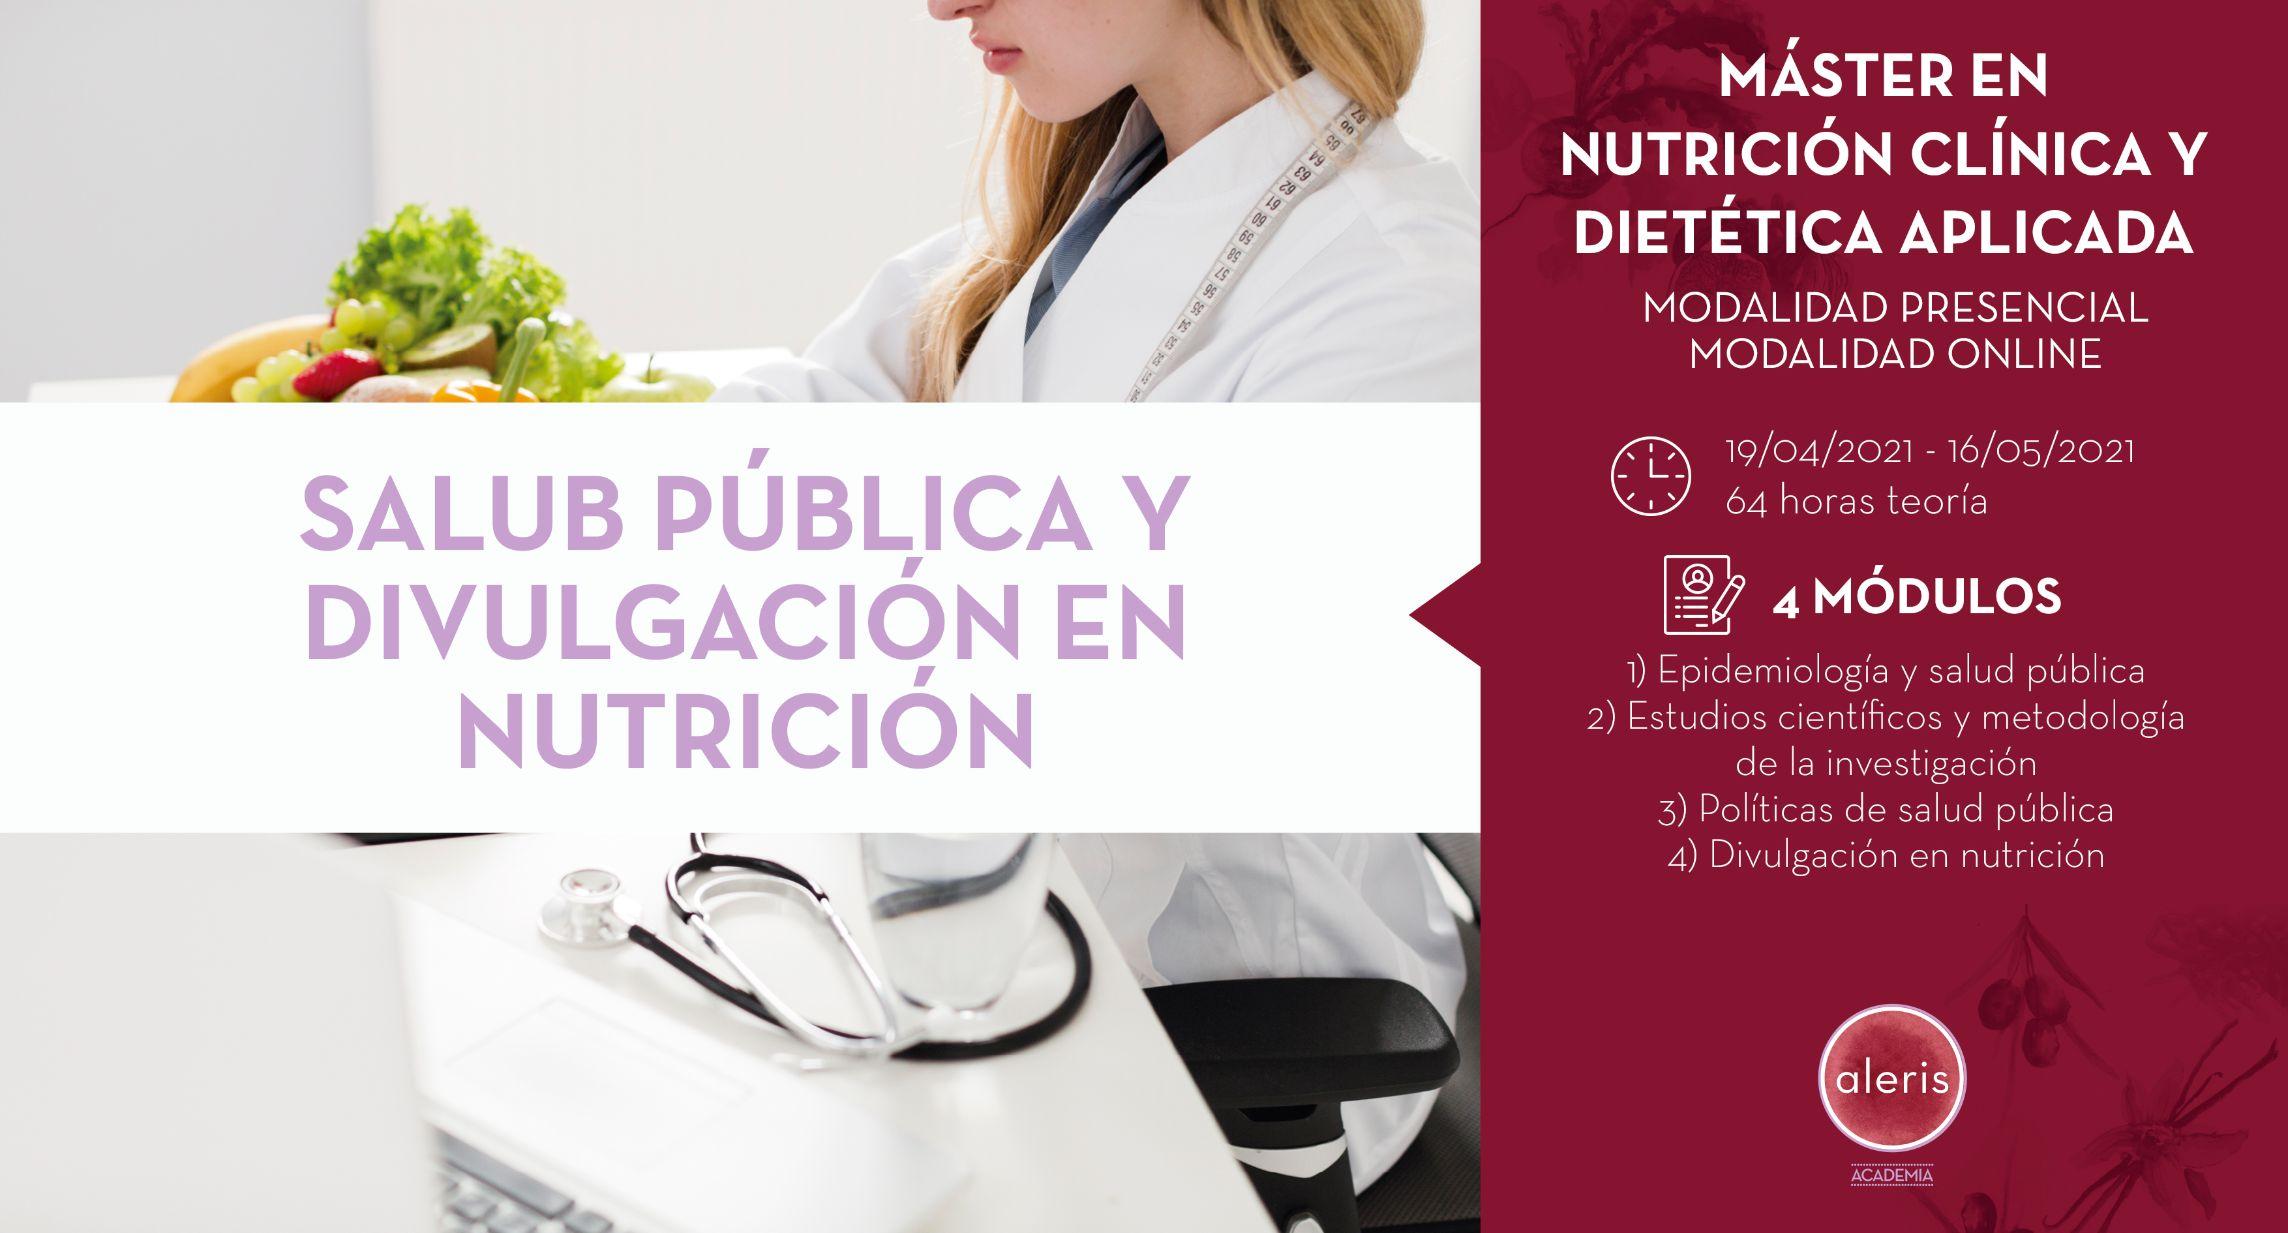 SALUD PÚBLICA Y DIVULGACIÓN EN NUTRICIÓN